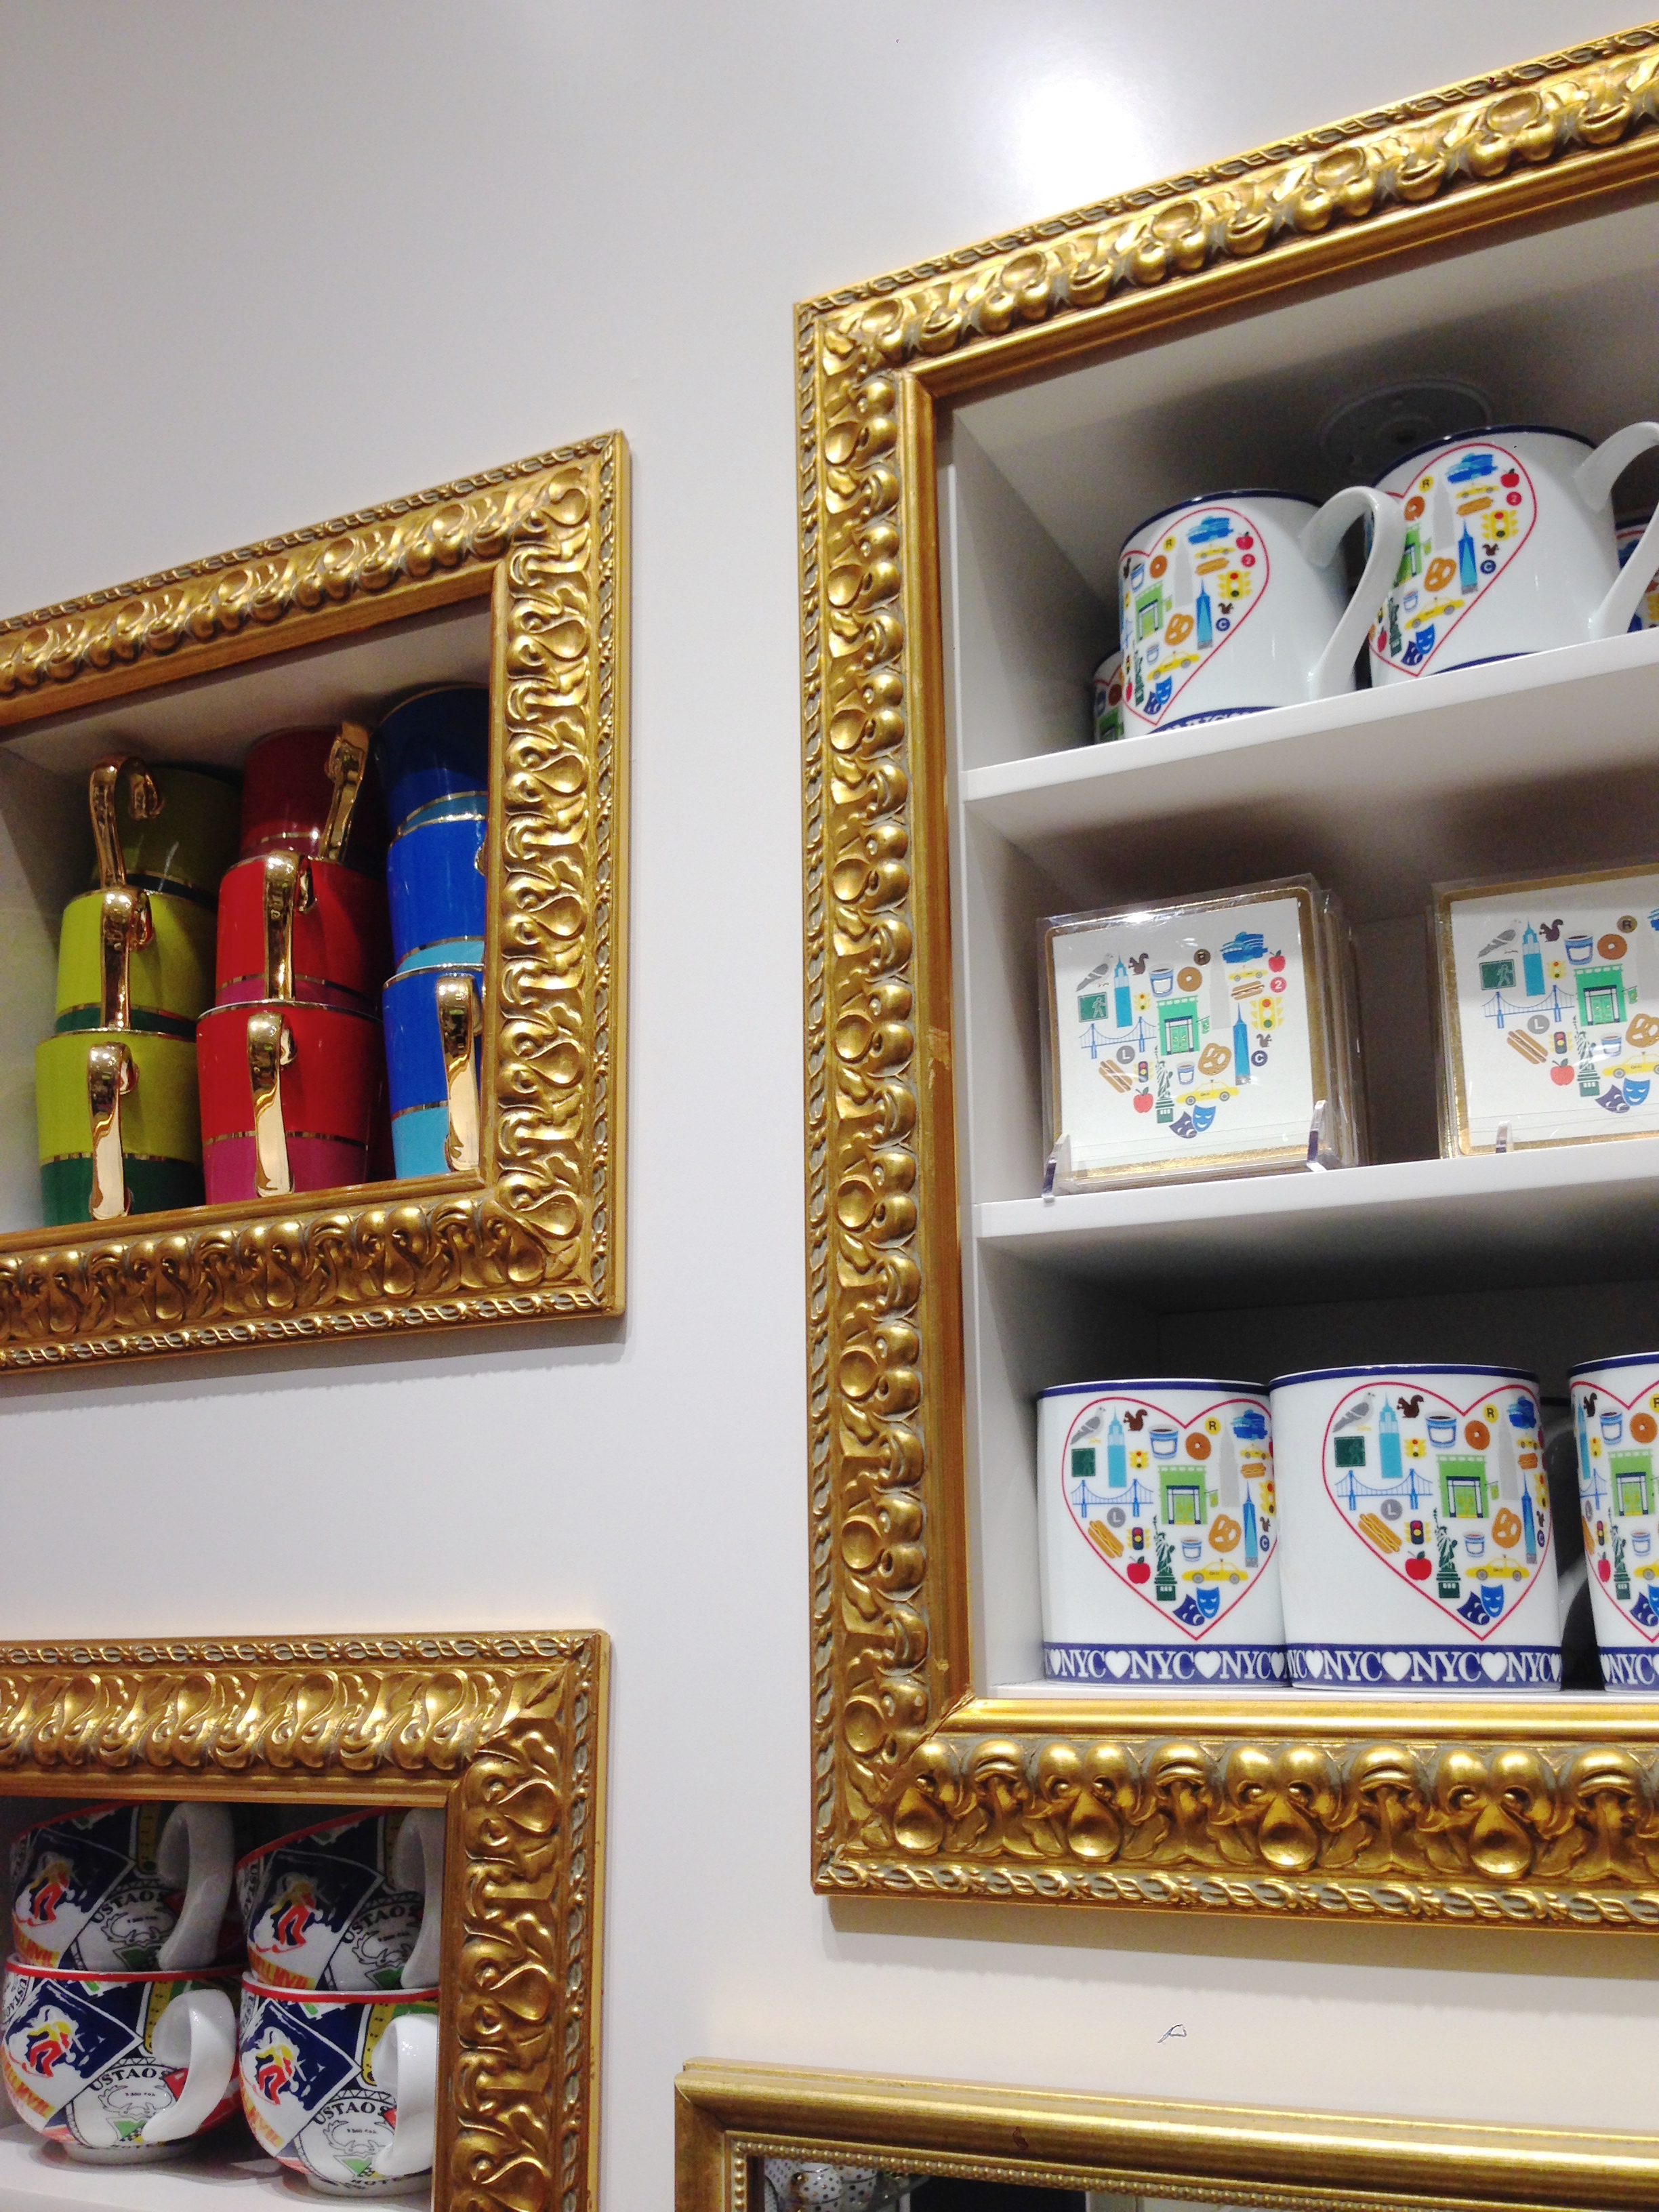 More cute mugs!